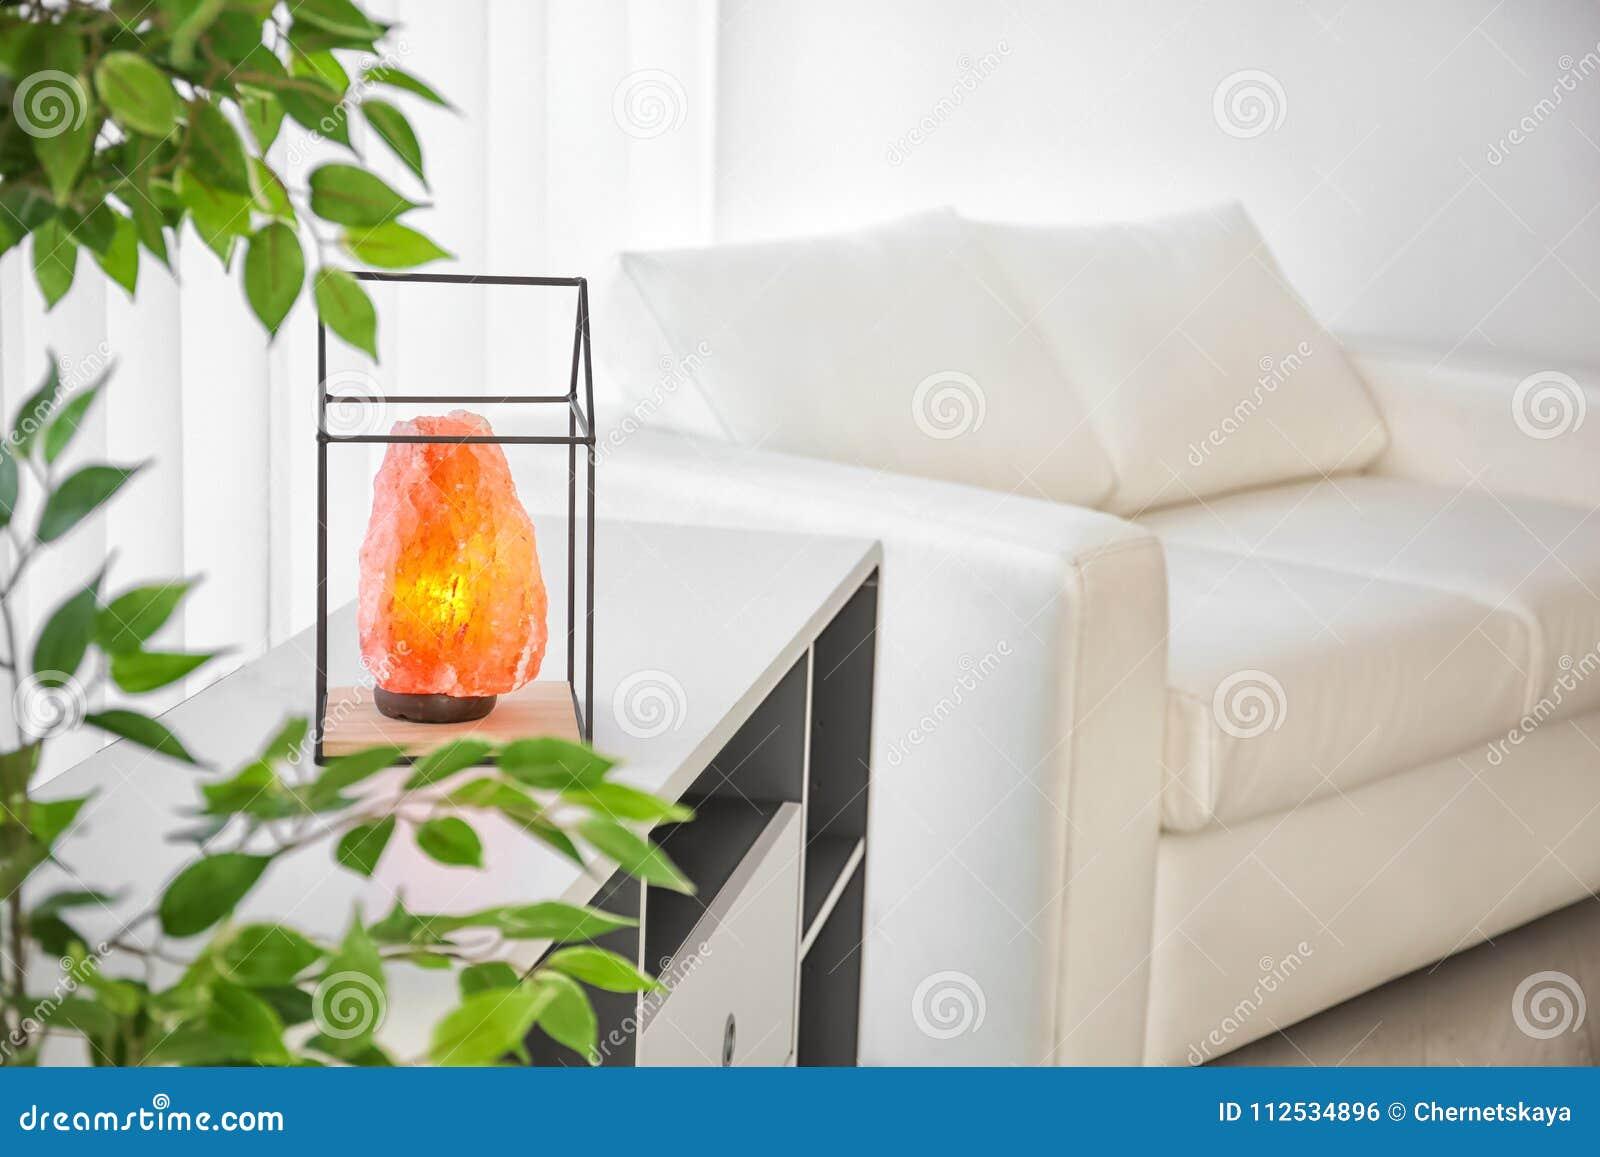 在棚架单位的喜马拉雅盐灯